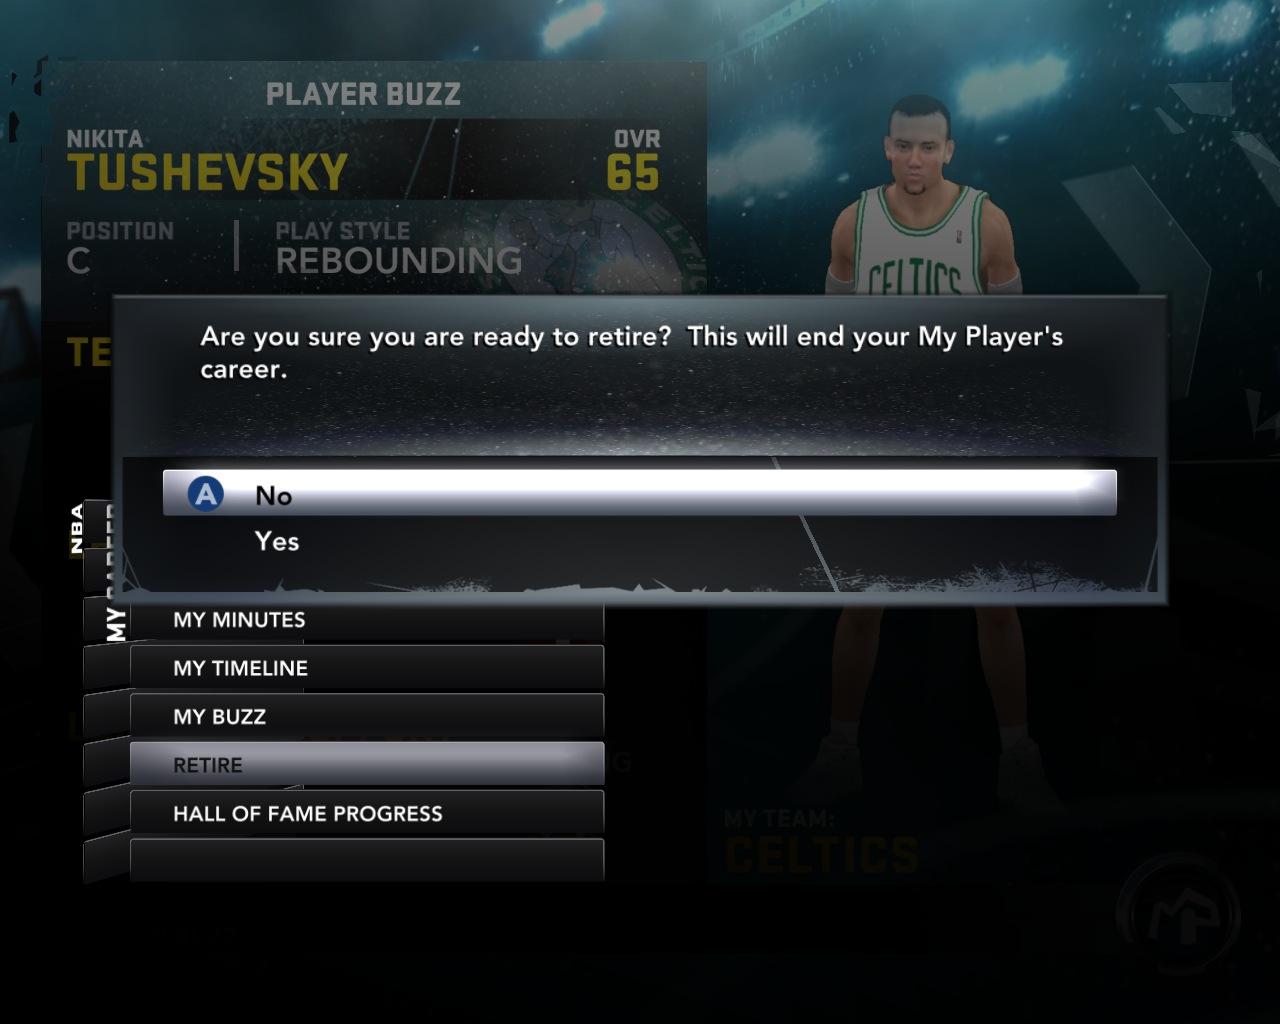 Завершение карьеры в НБА2К12